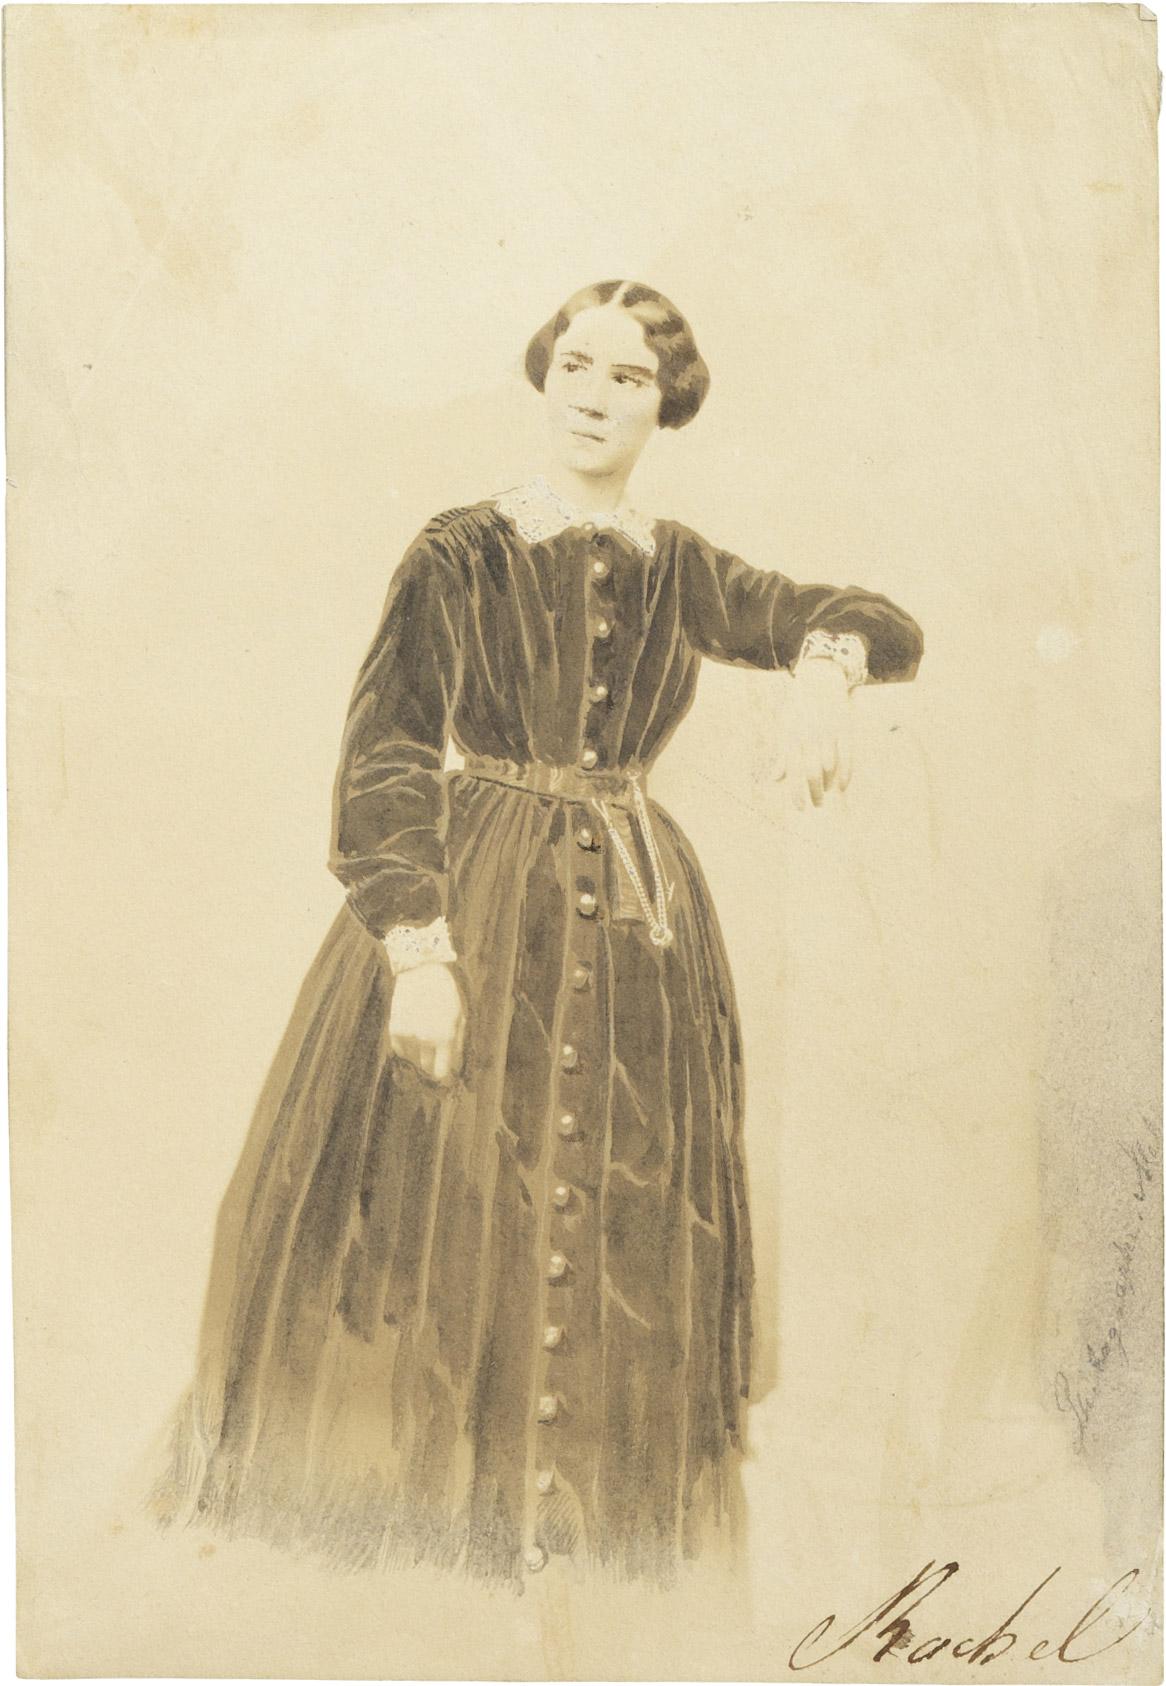 Portrait de Rachel - Patrimoine Charles-André COLONNA WALEWSKI, en ligne directe de Napoléon